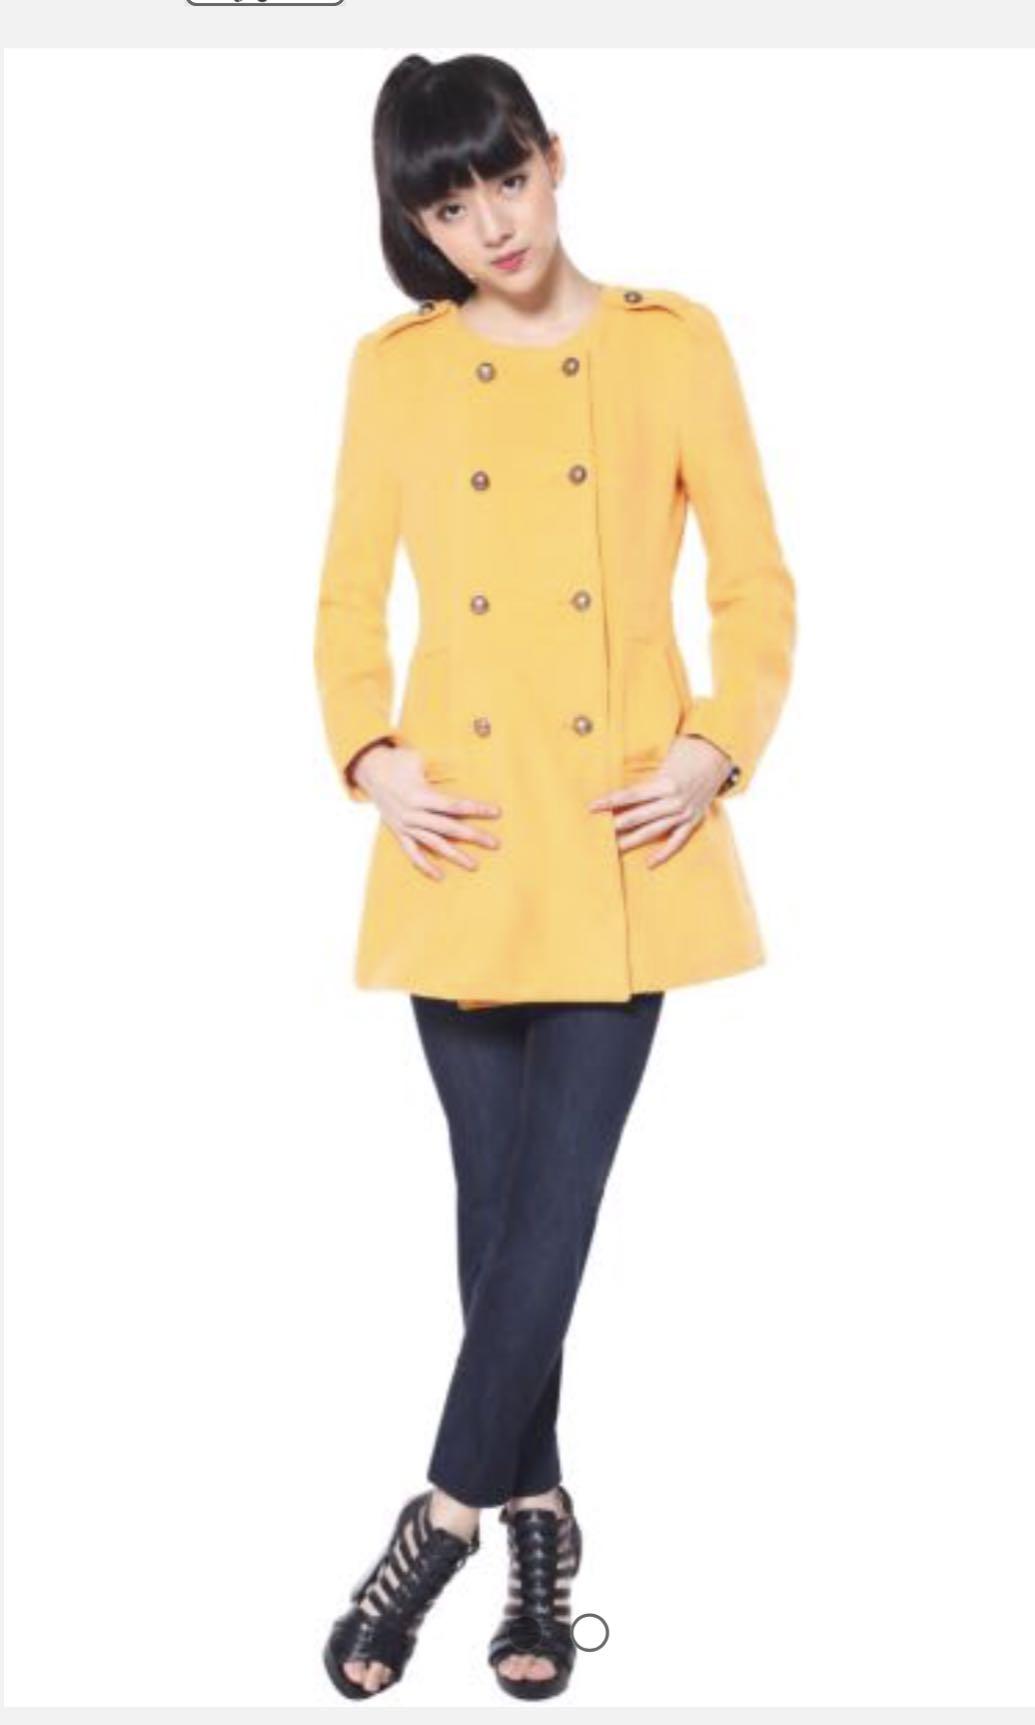 4818fd4fd Love Bonito military trench coat in mustard color